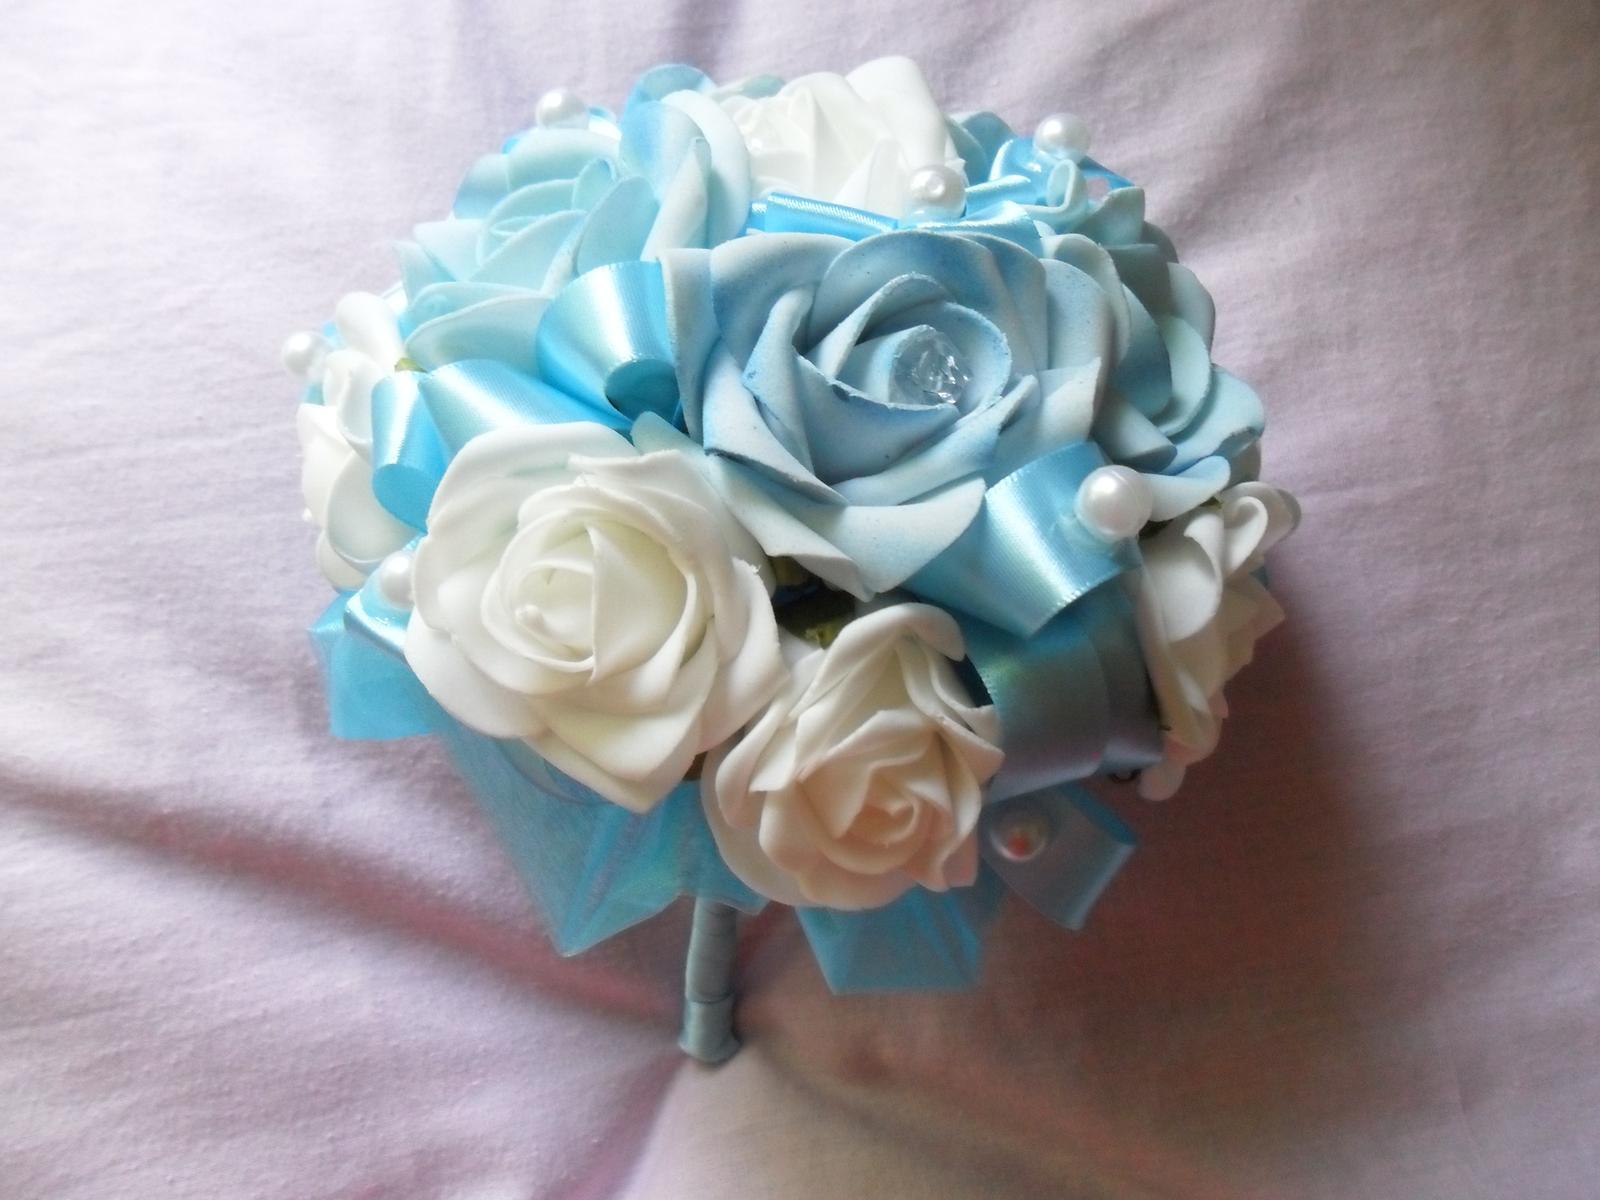 Netradiční svatební kytice - pěnové růžičky + polštářky pod prstýnky, košíčky - Obrázek č. 56